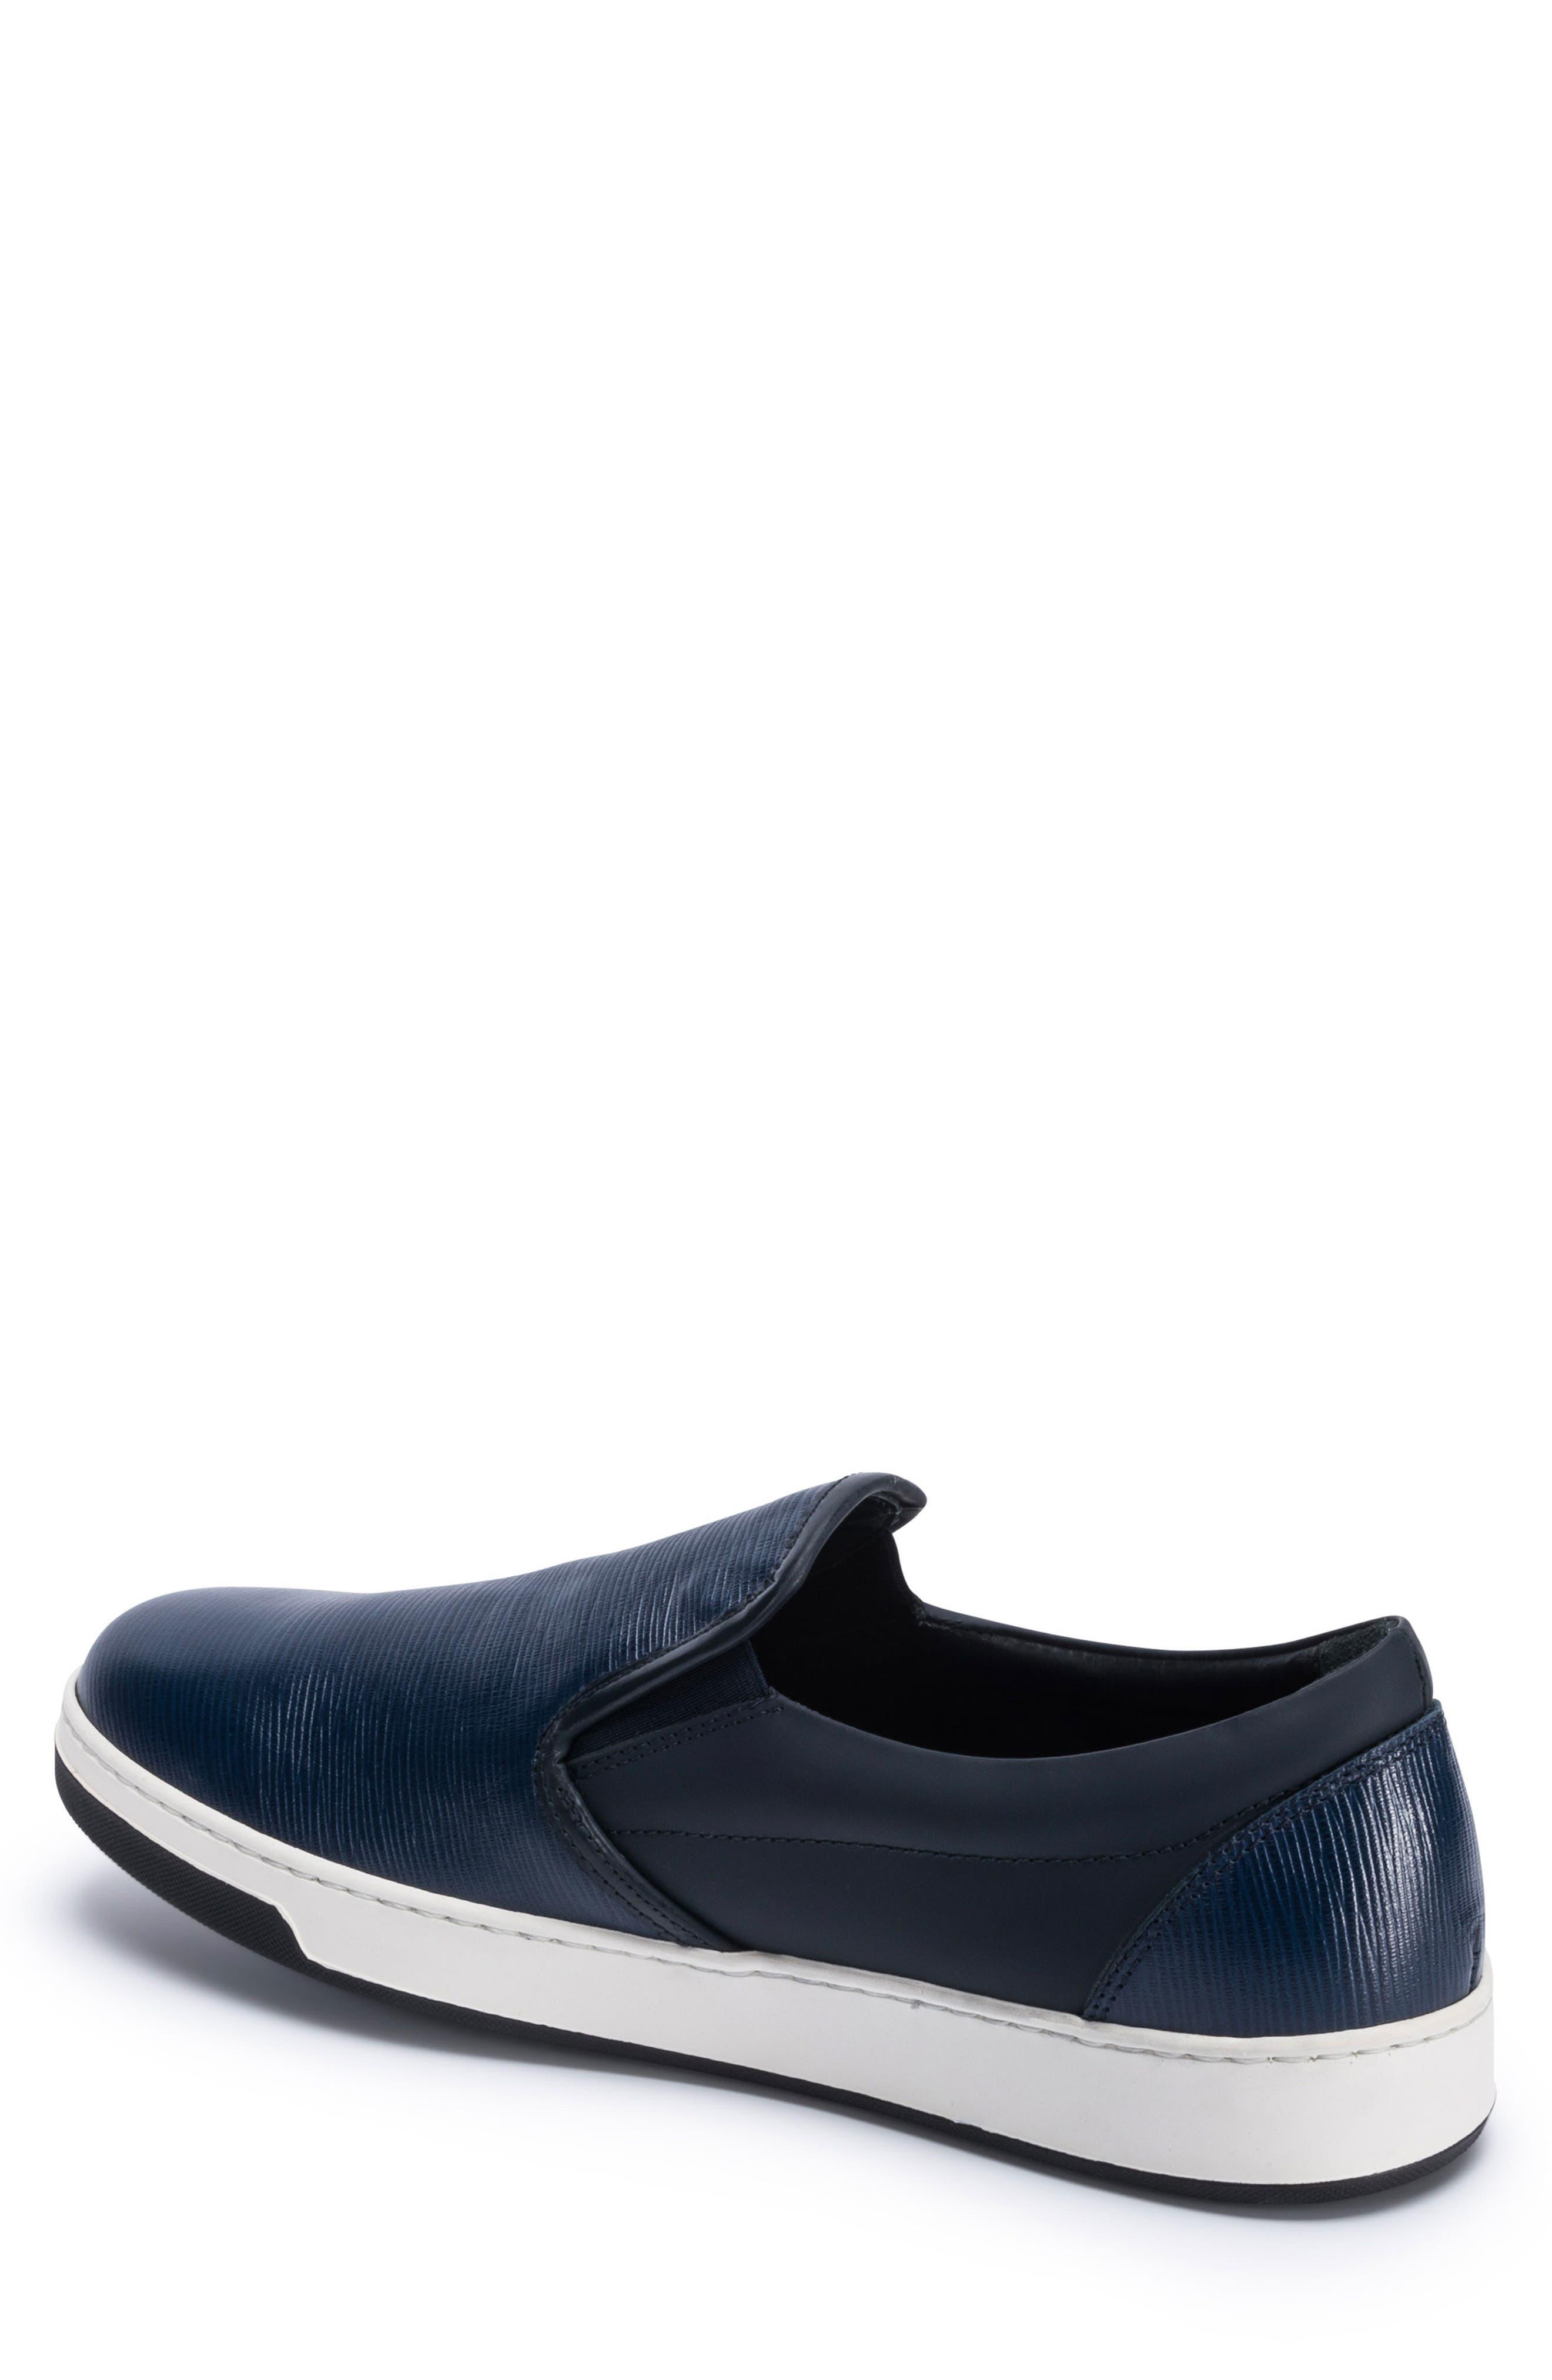 Santorini Slip-On Sneaker,                             Alternate thumbnail 6, color,